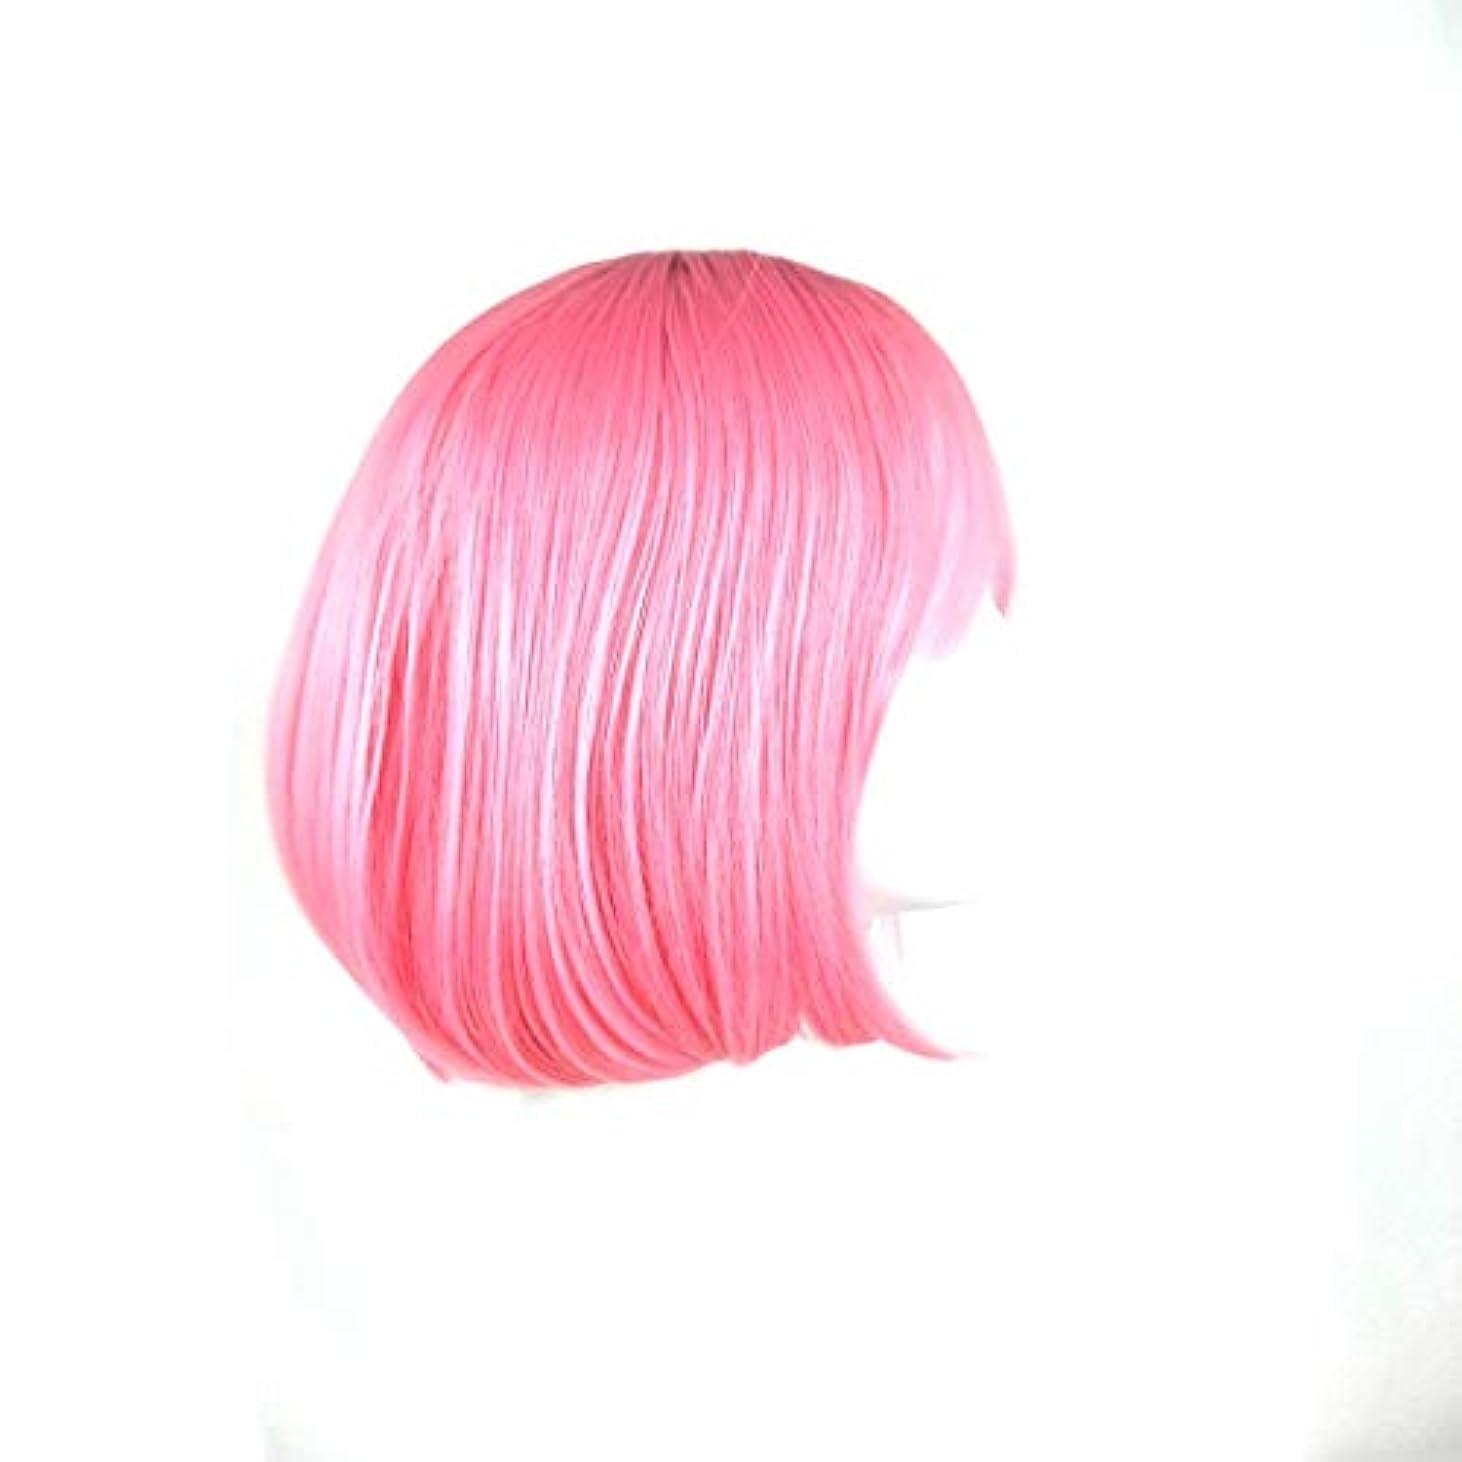 拍手震える暴露Kerwinner ピンクのかつらショートストレートヘアーボブウィッグ人工毛ナチュラルな耐熱性女性用